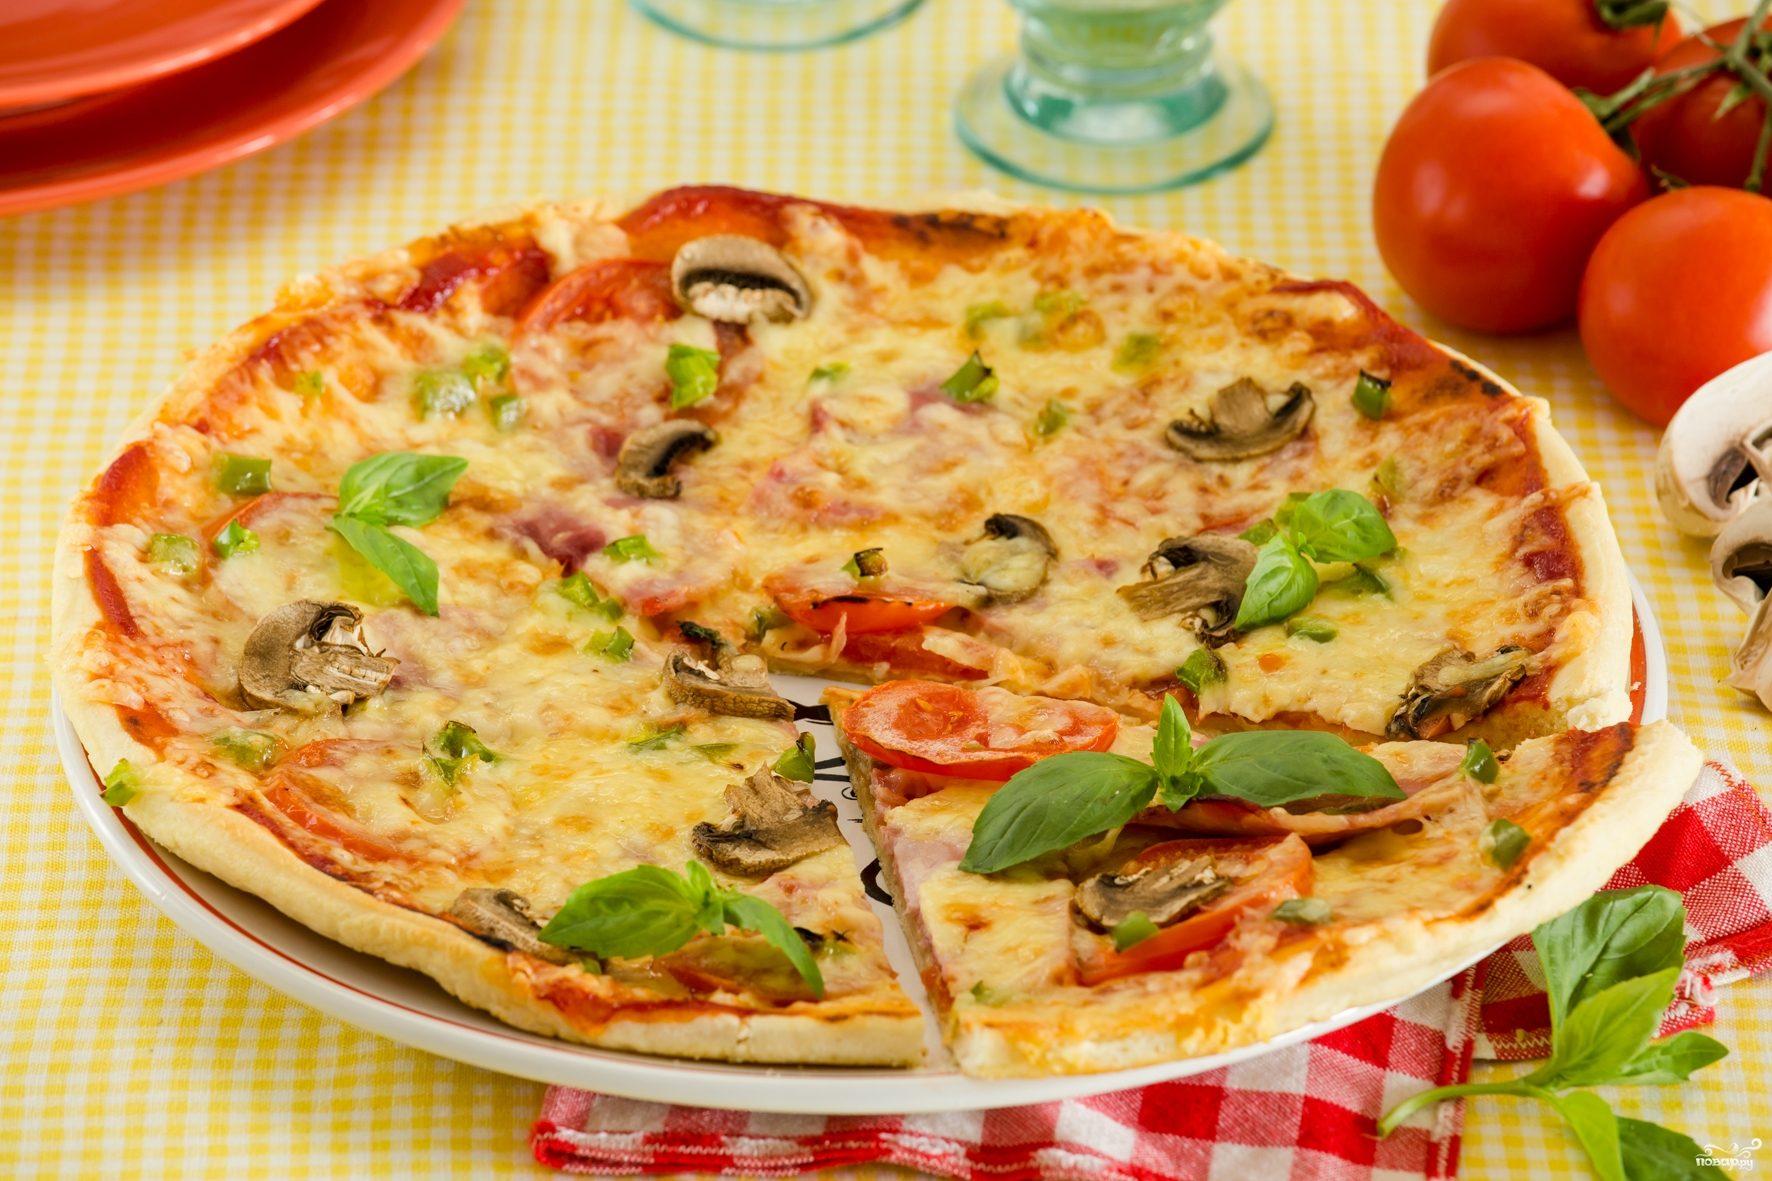 рецепт пиццы на сковородке 5 минут